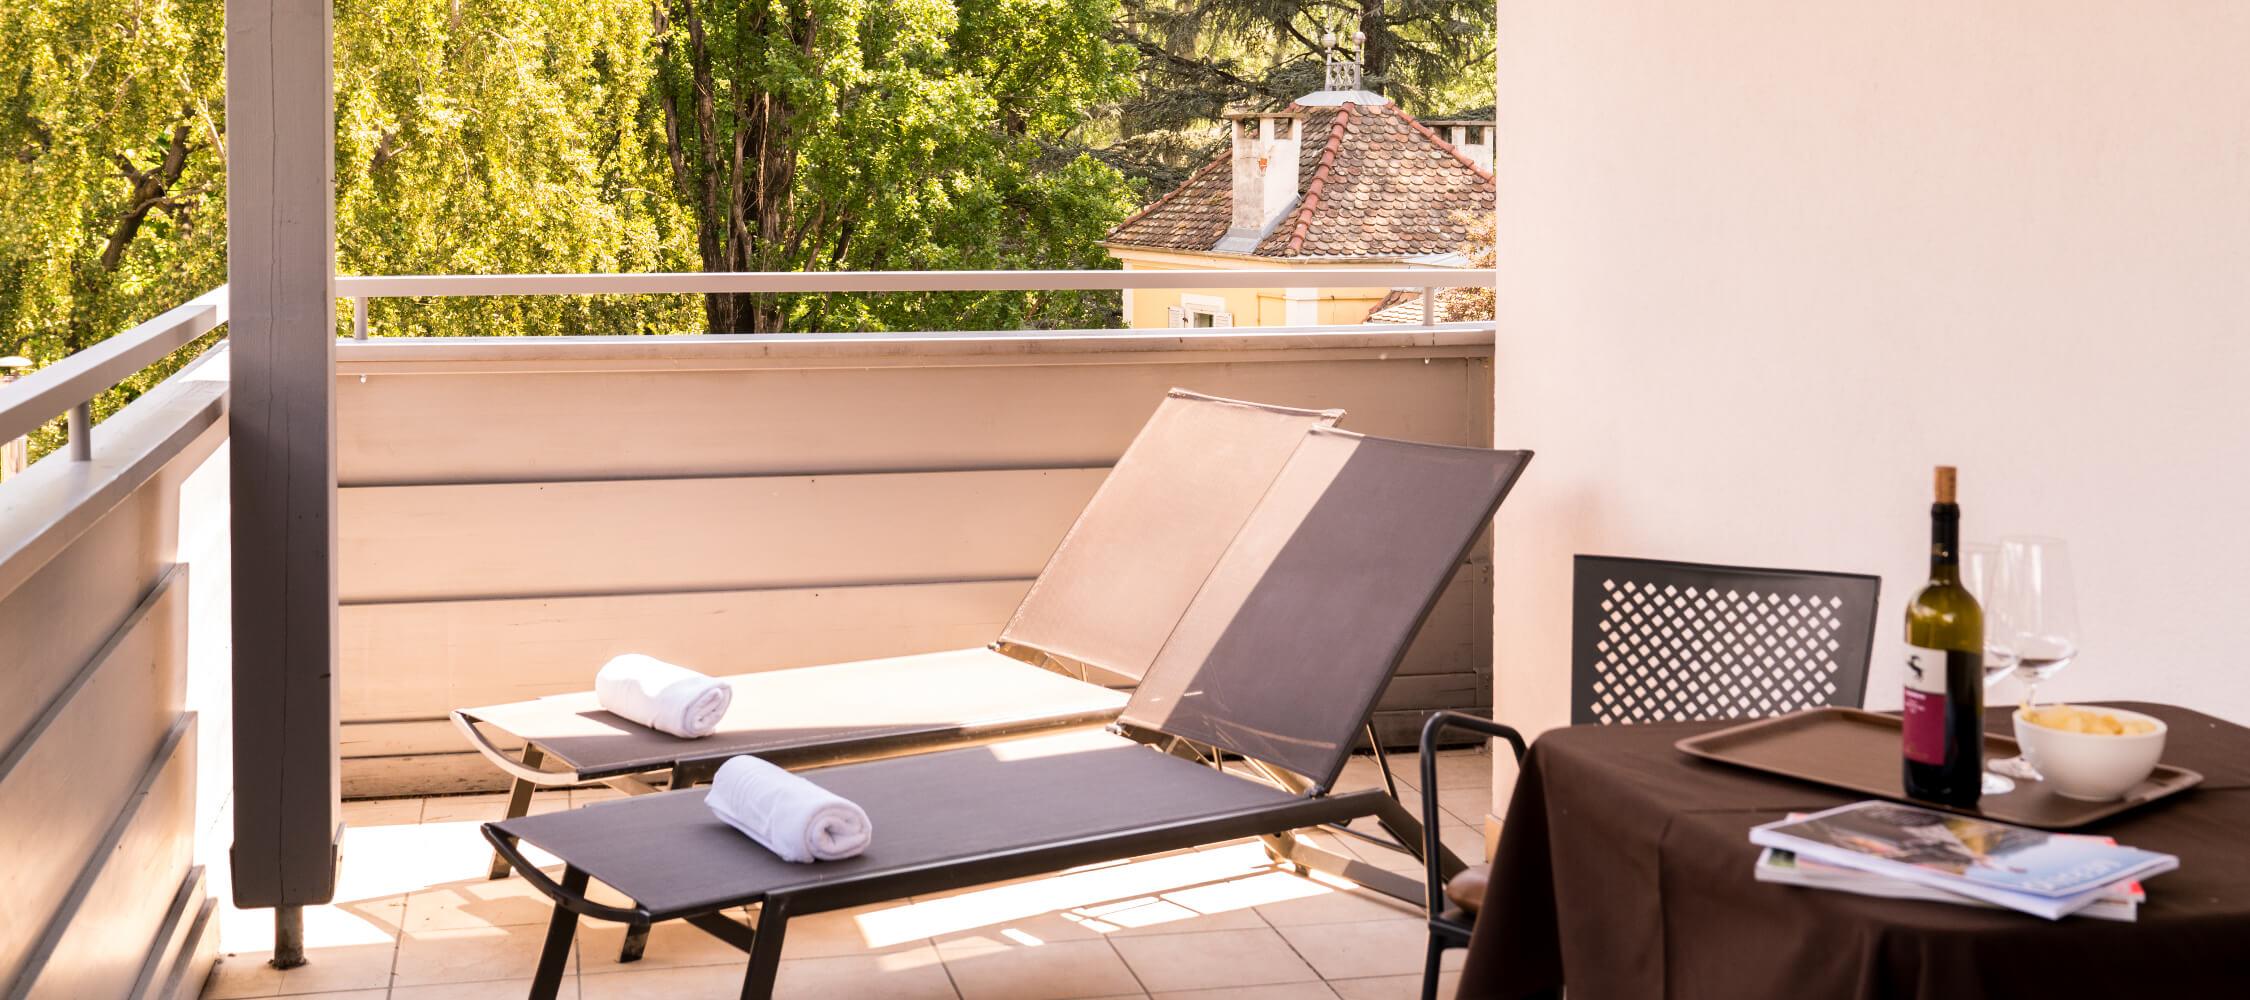 Hotel Flora, Meran, 3-Sterne Hotel, superior Doppelzimmer, private Terrasse, Balkon, Nähe Altstadt und Bahnhof